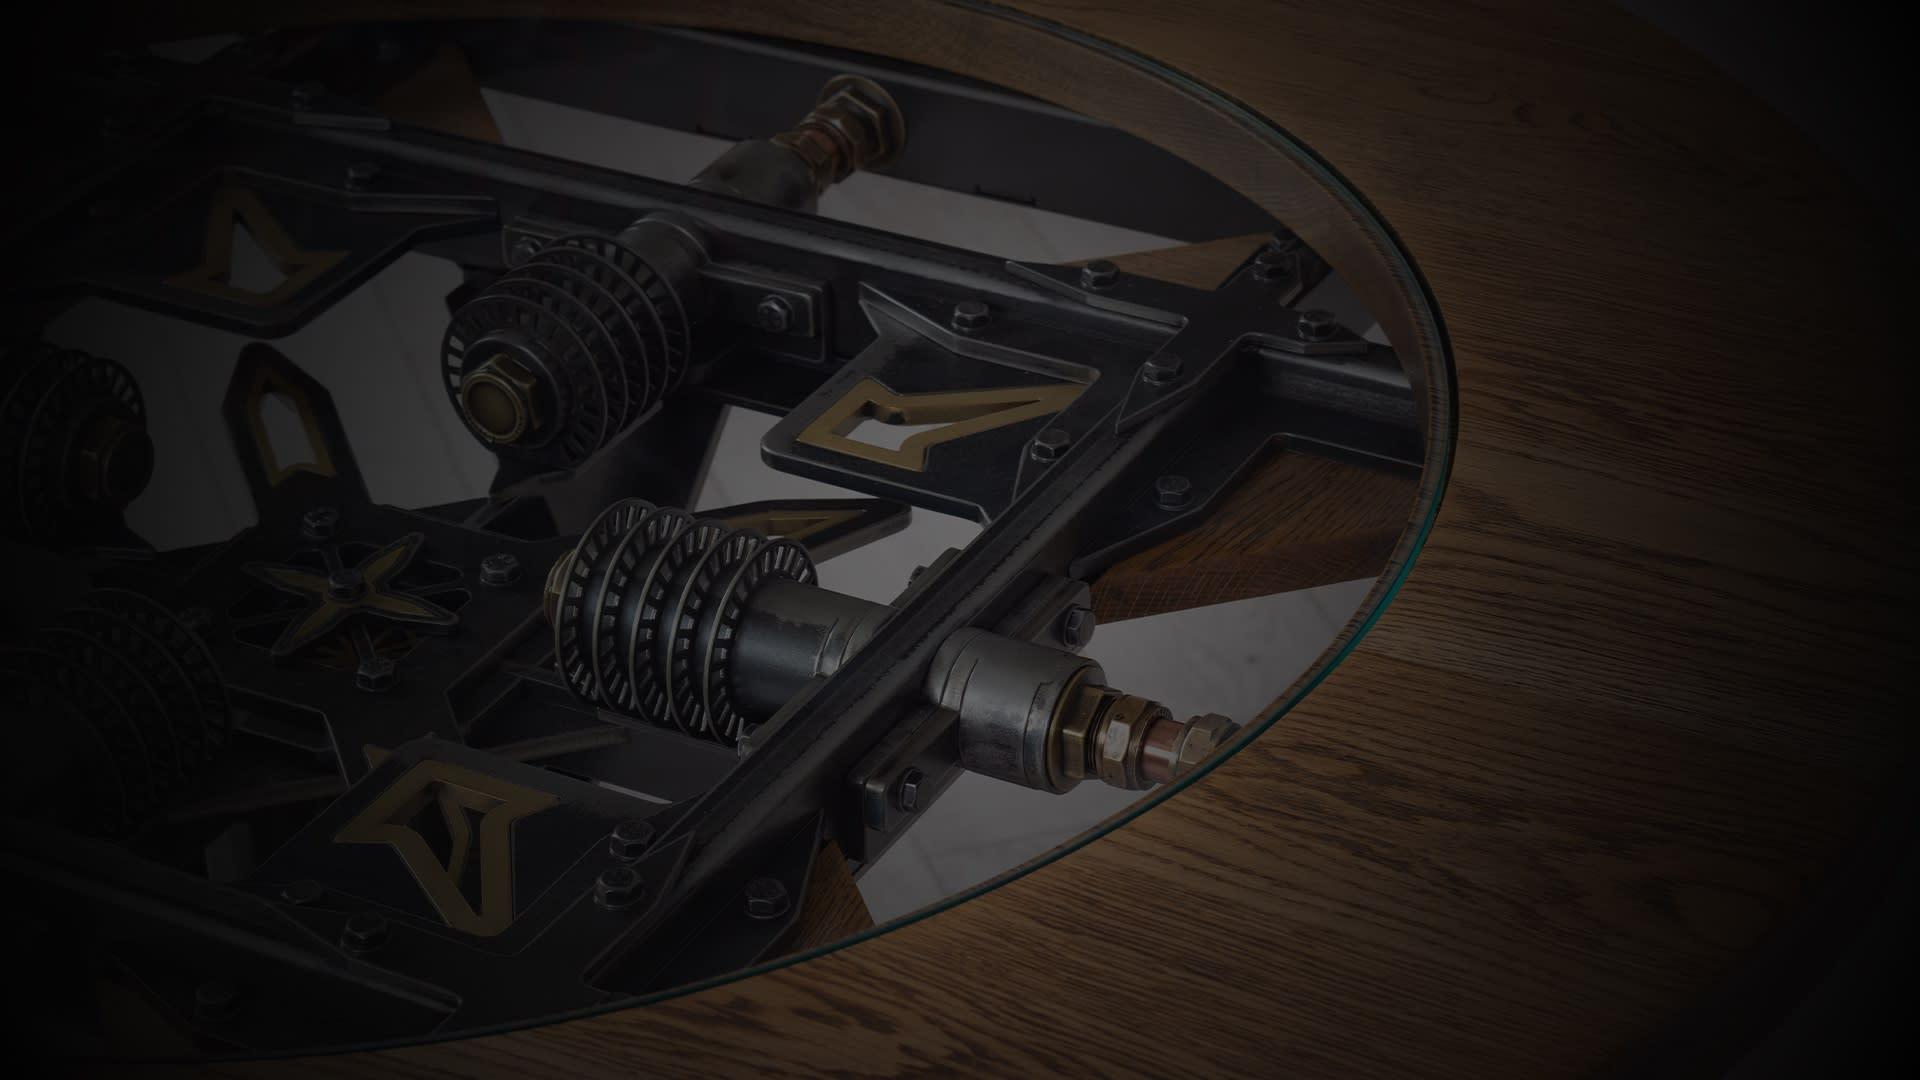 SV steampunk round table closeup darkened